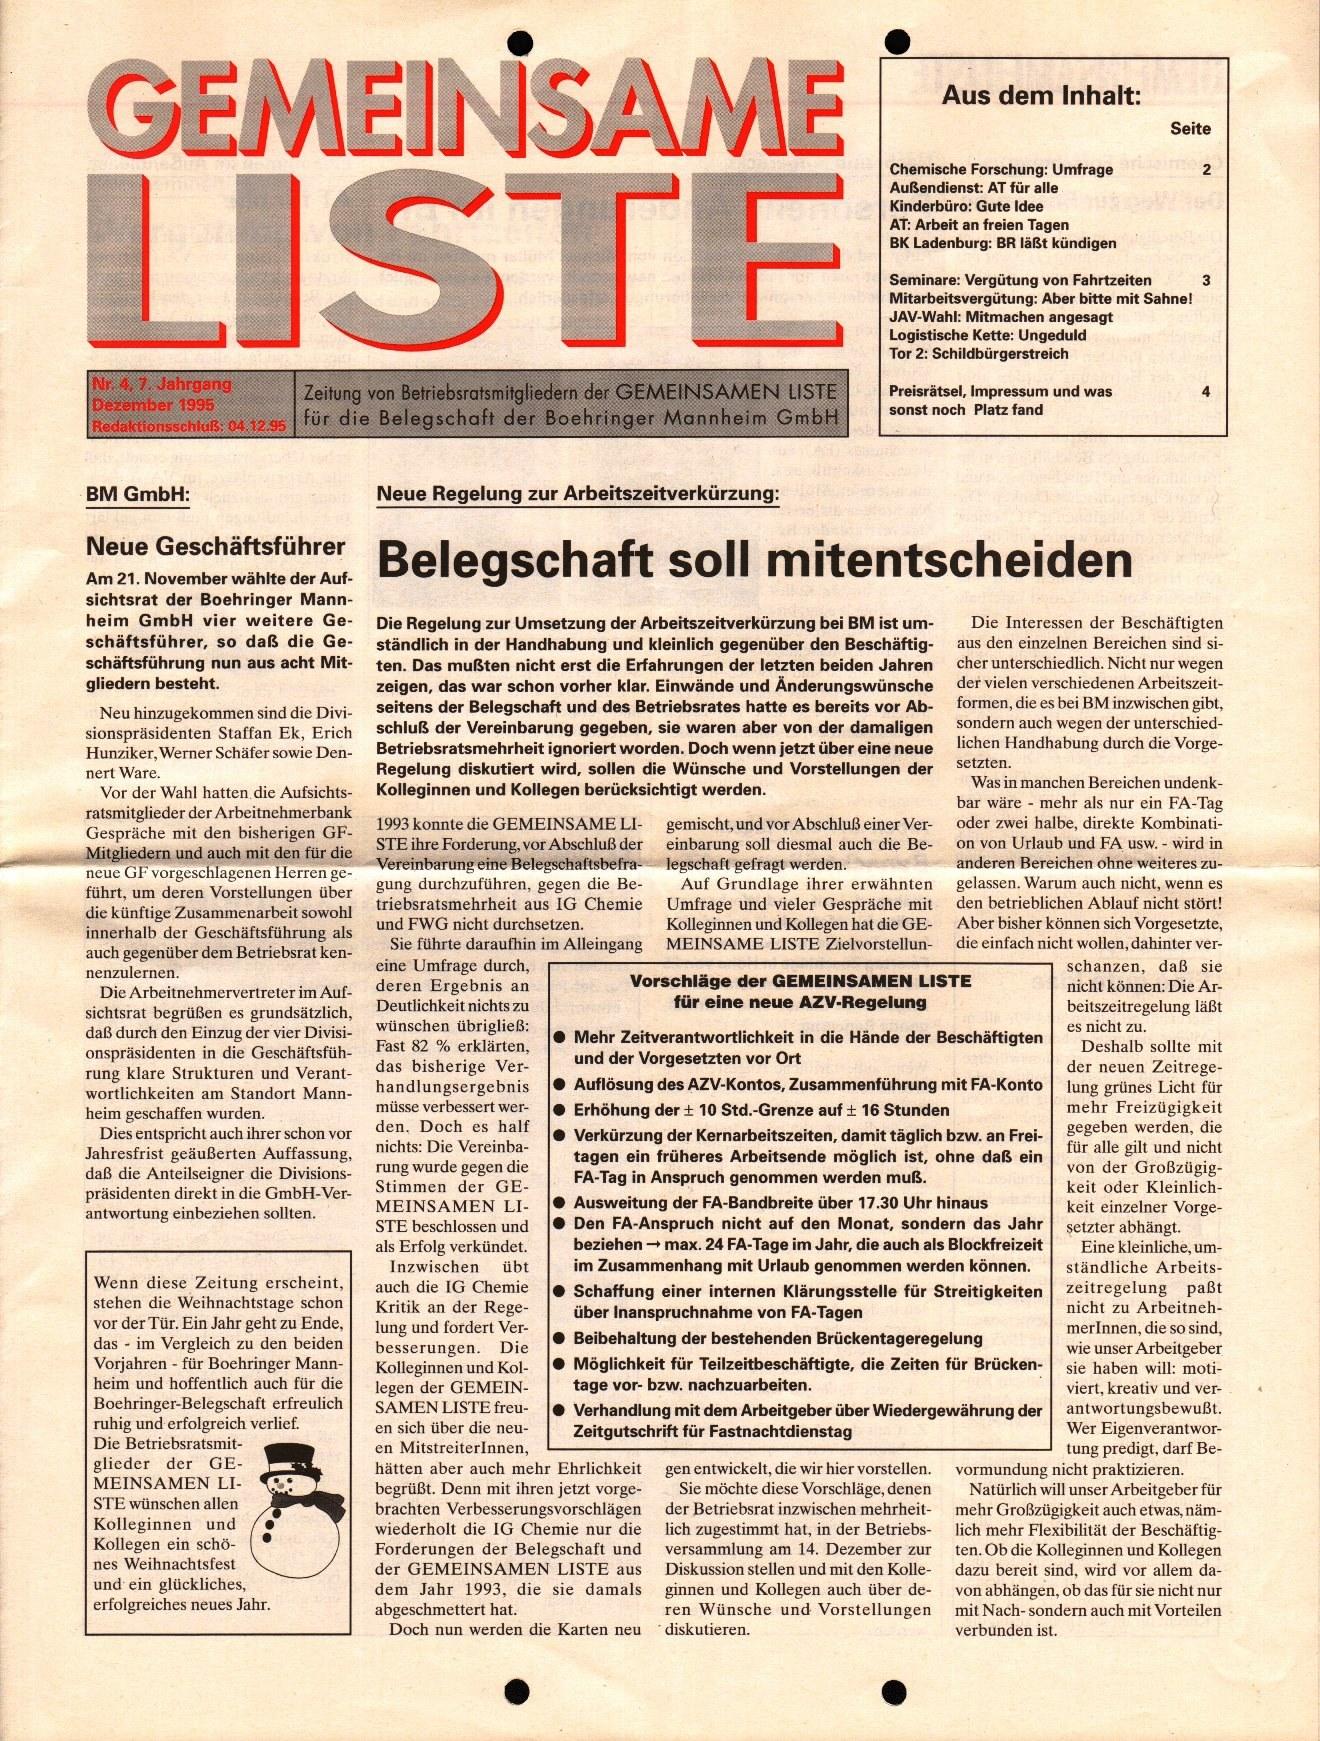 Mannheim_Boehringer_Gemeinsame_Liste_1995_04_01